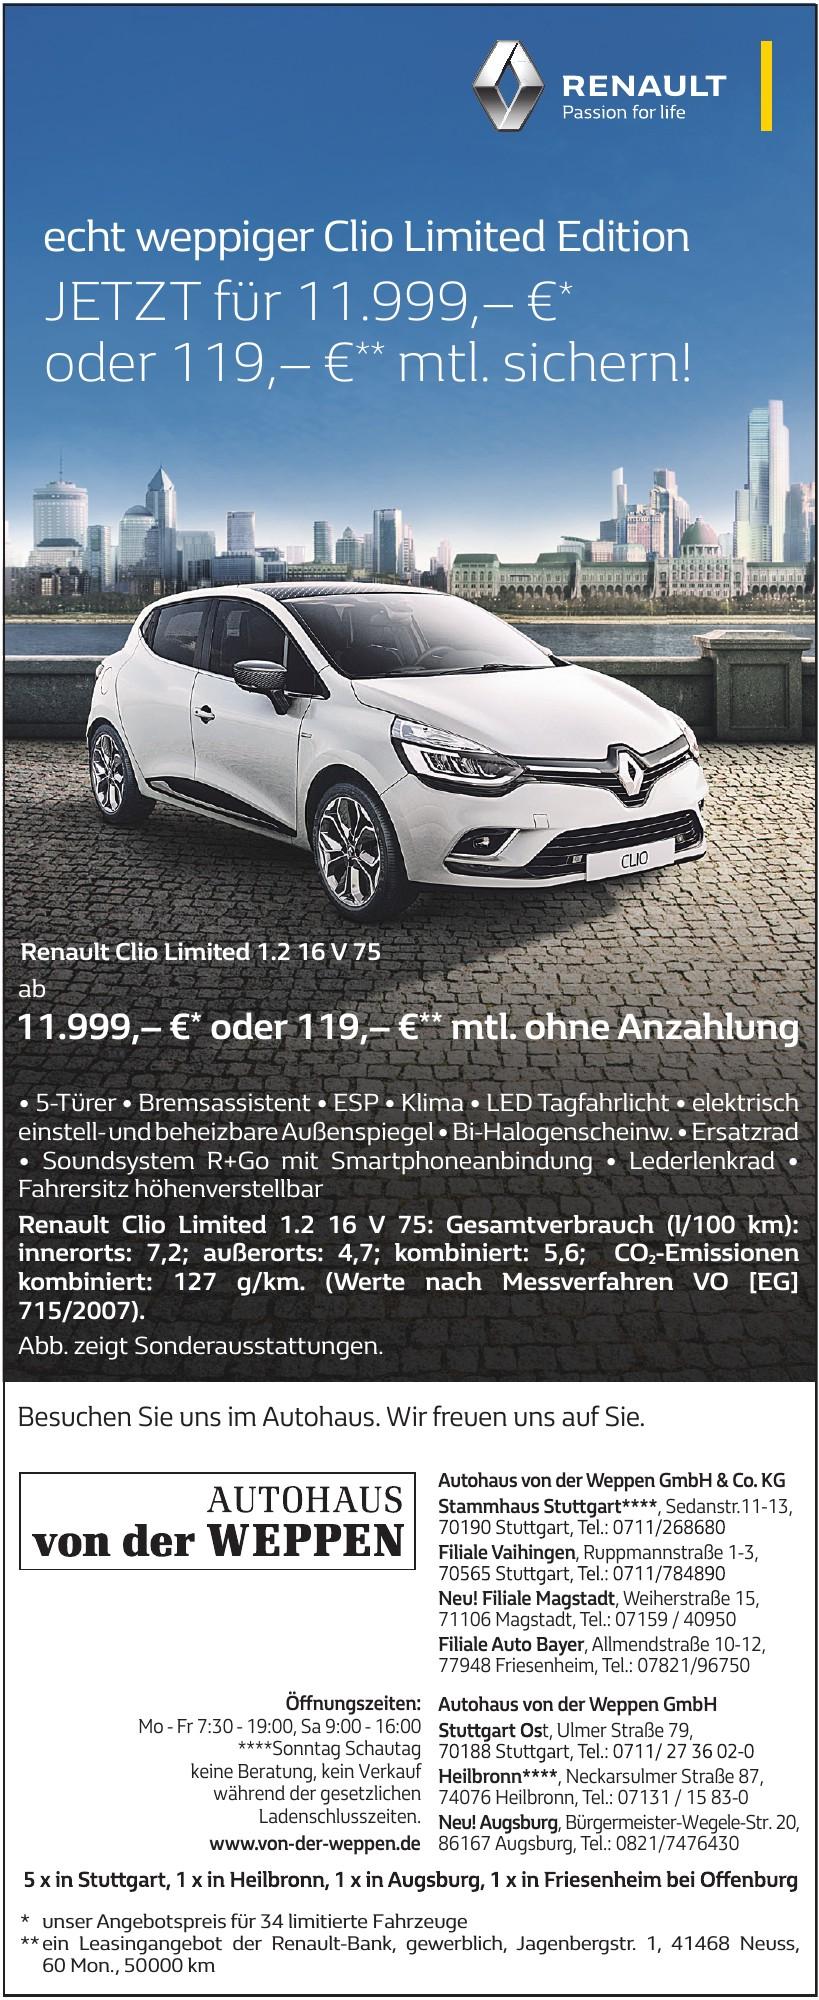 Autohaus von der Weppen GmbH & Co. KG